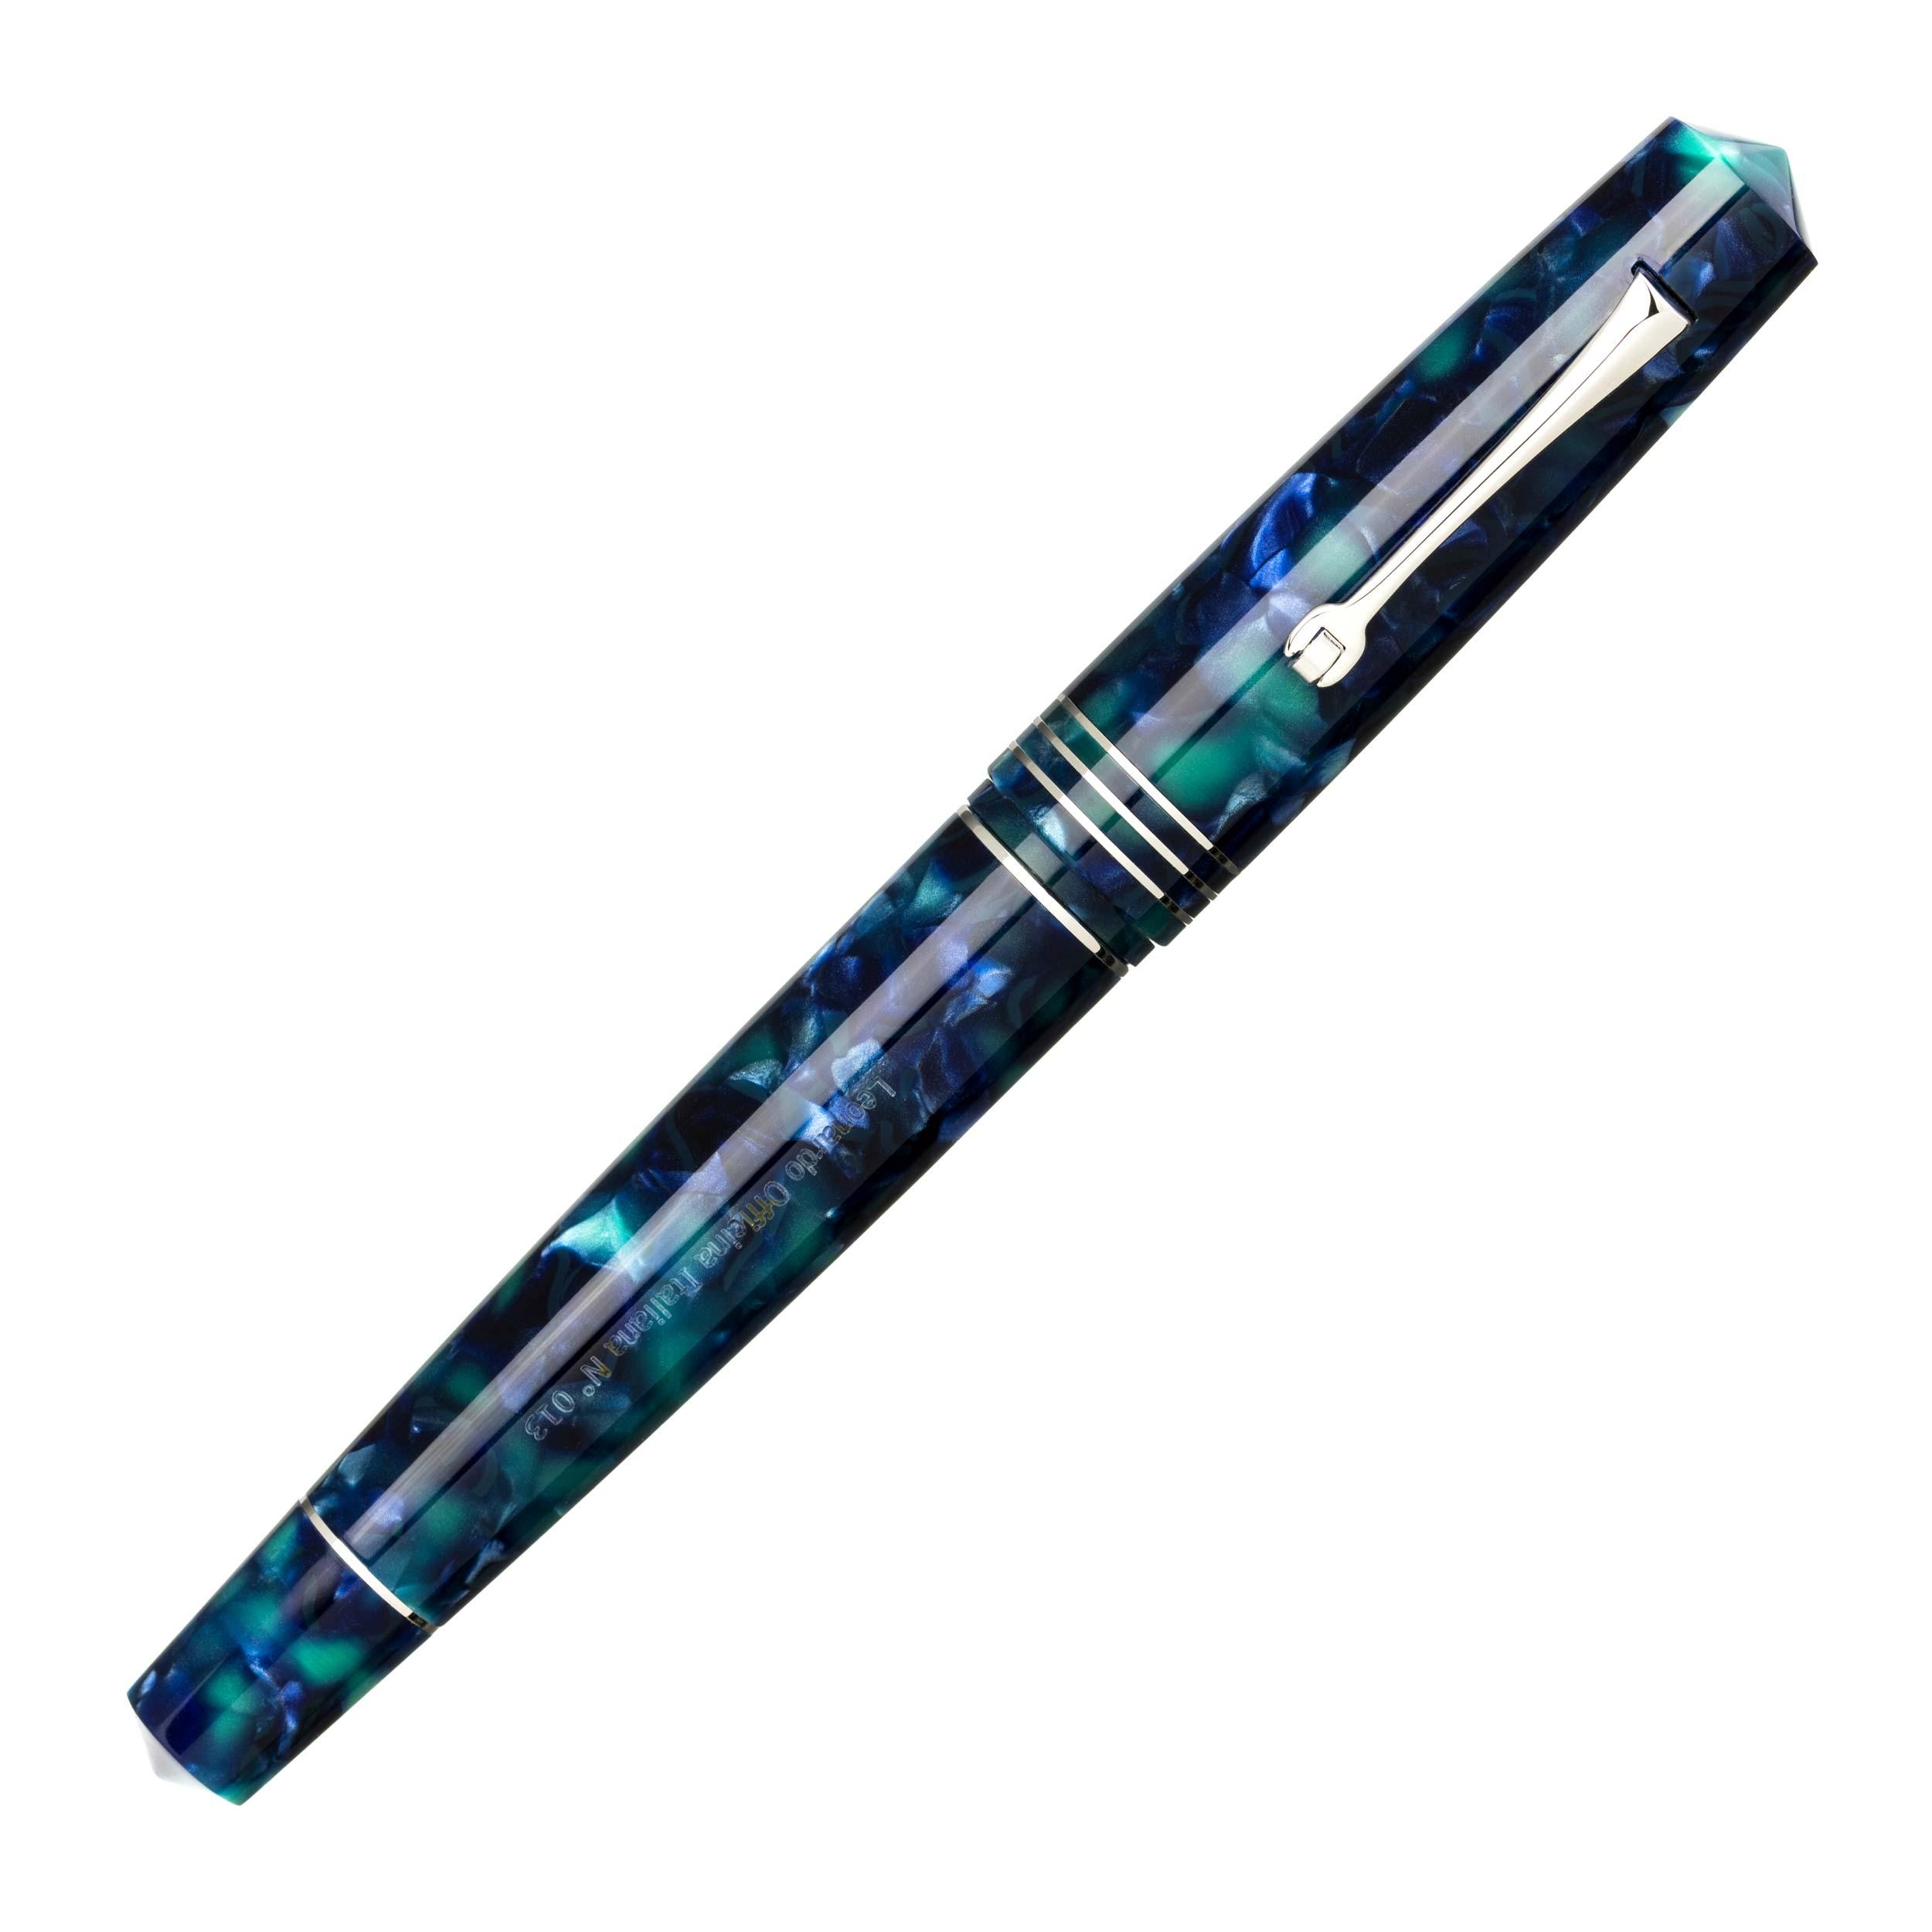 leonardo-momento-zero-grande-caraibi-fountain-pen-capped-nibsmith